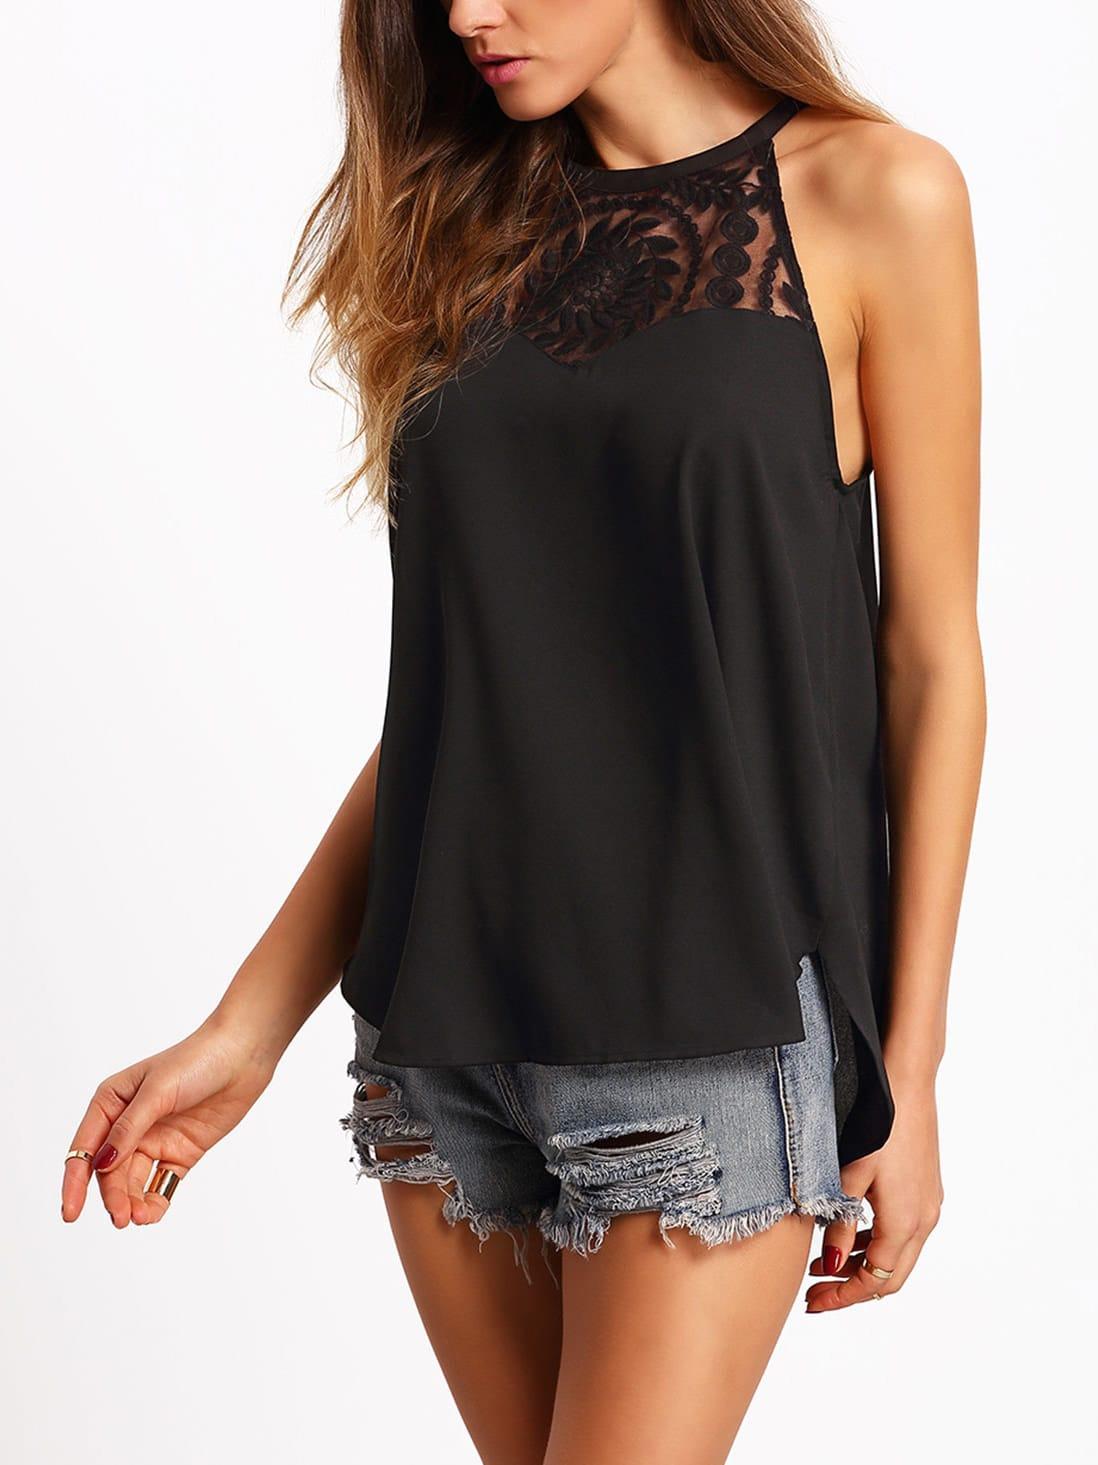 Black Spaghetti Strap Lace Chiffon Cami Top vest160229050